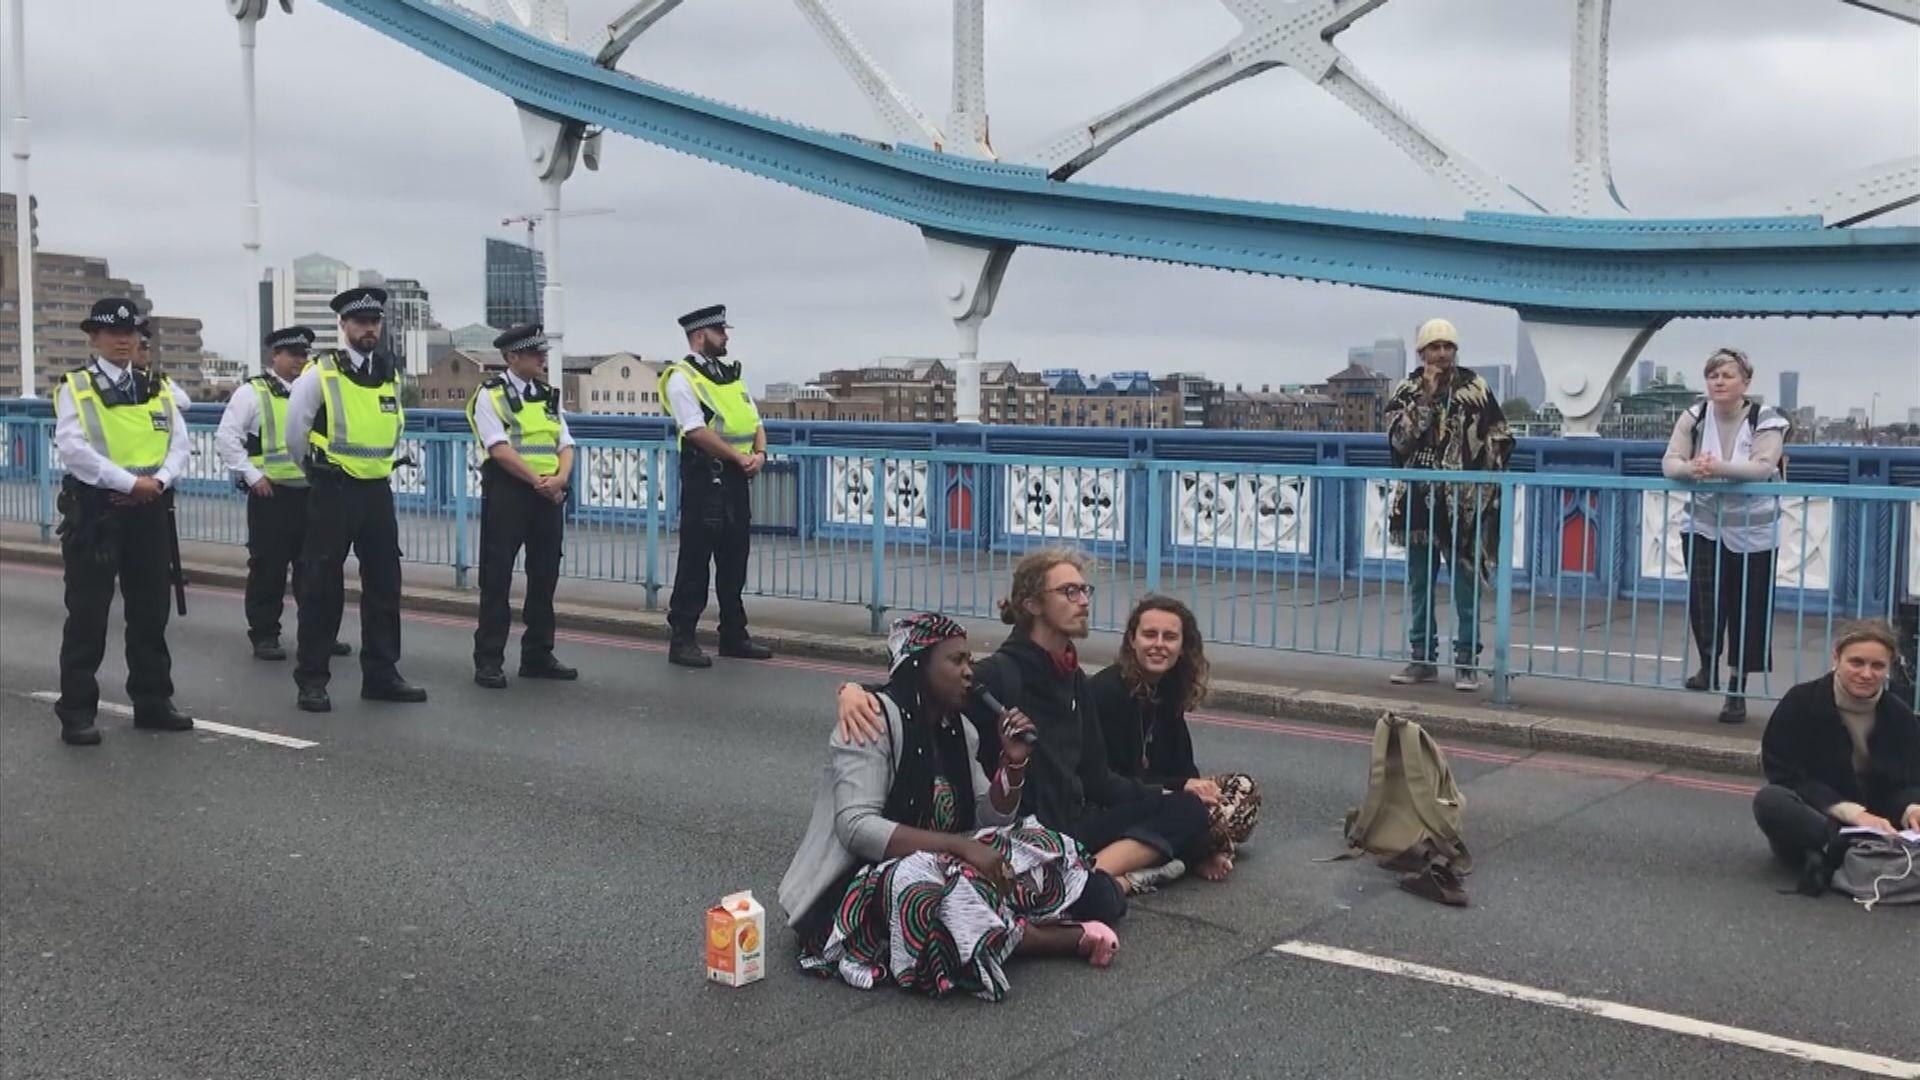 「反抗滅絕」倫敦塔橋示威11人被捕